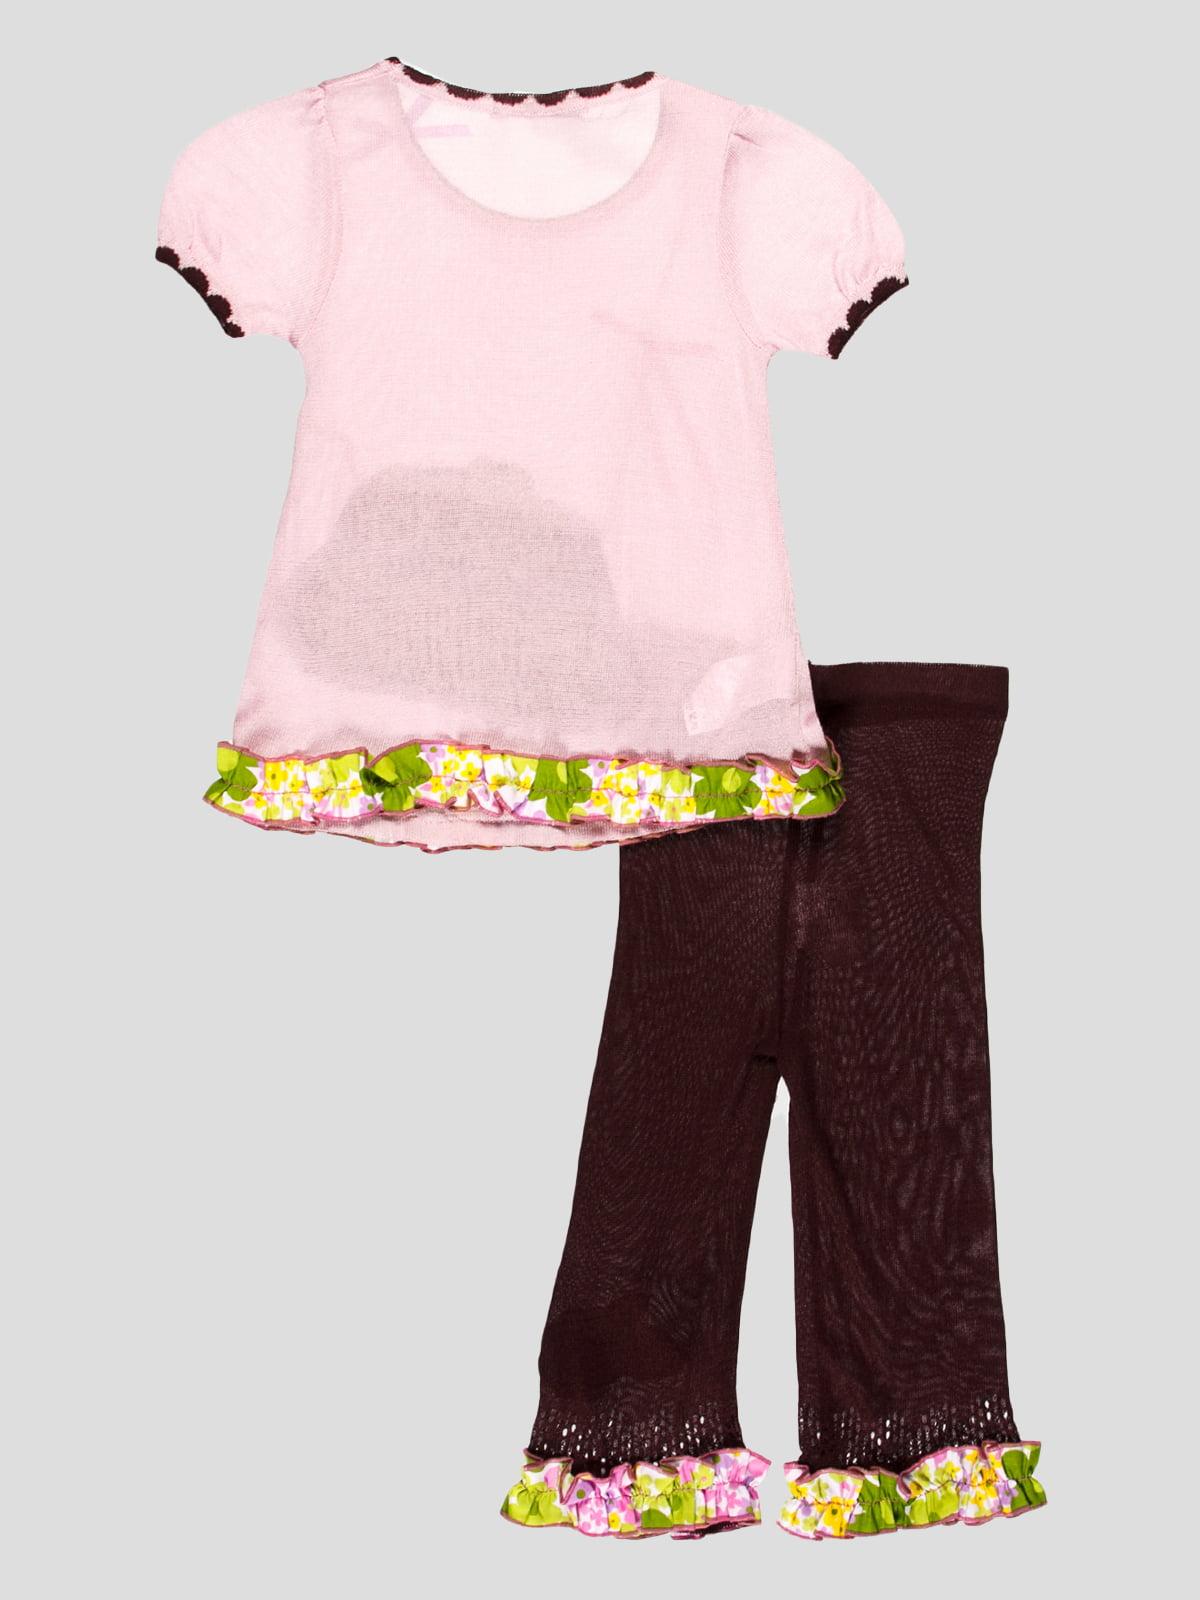 Комплект: туніка і штани | 85279 | фото 2